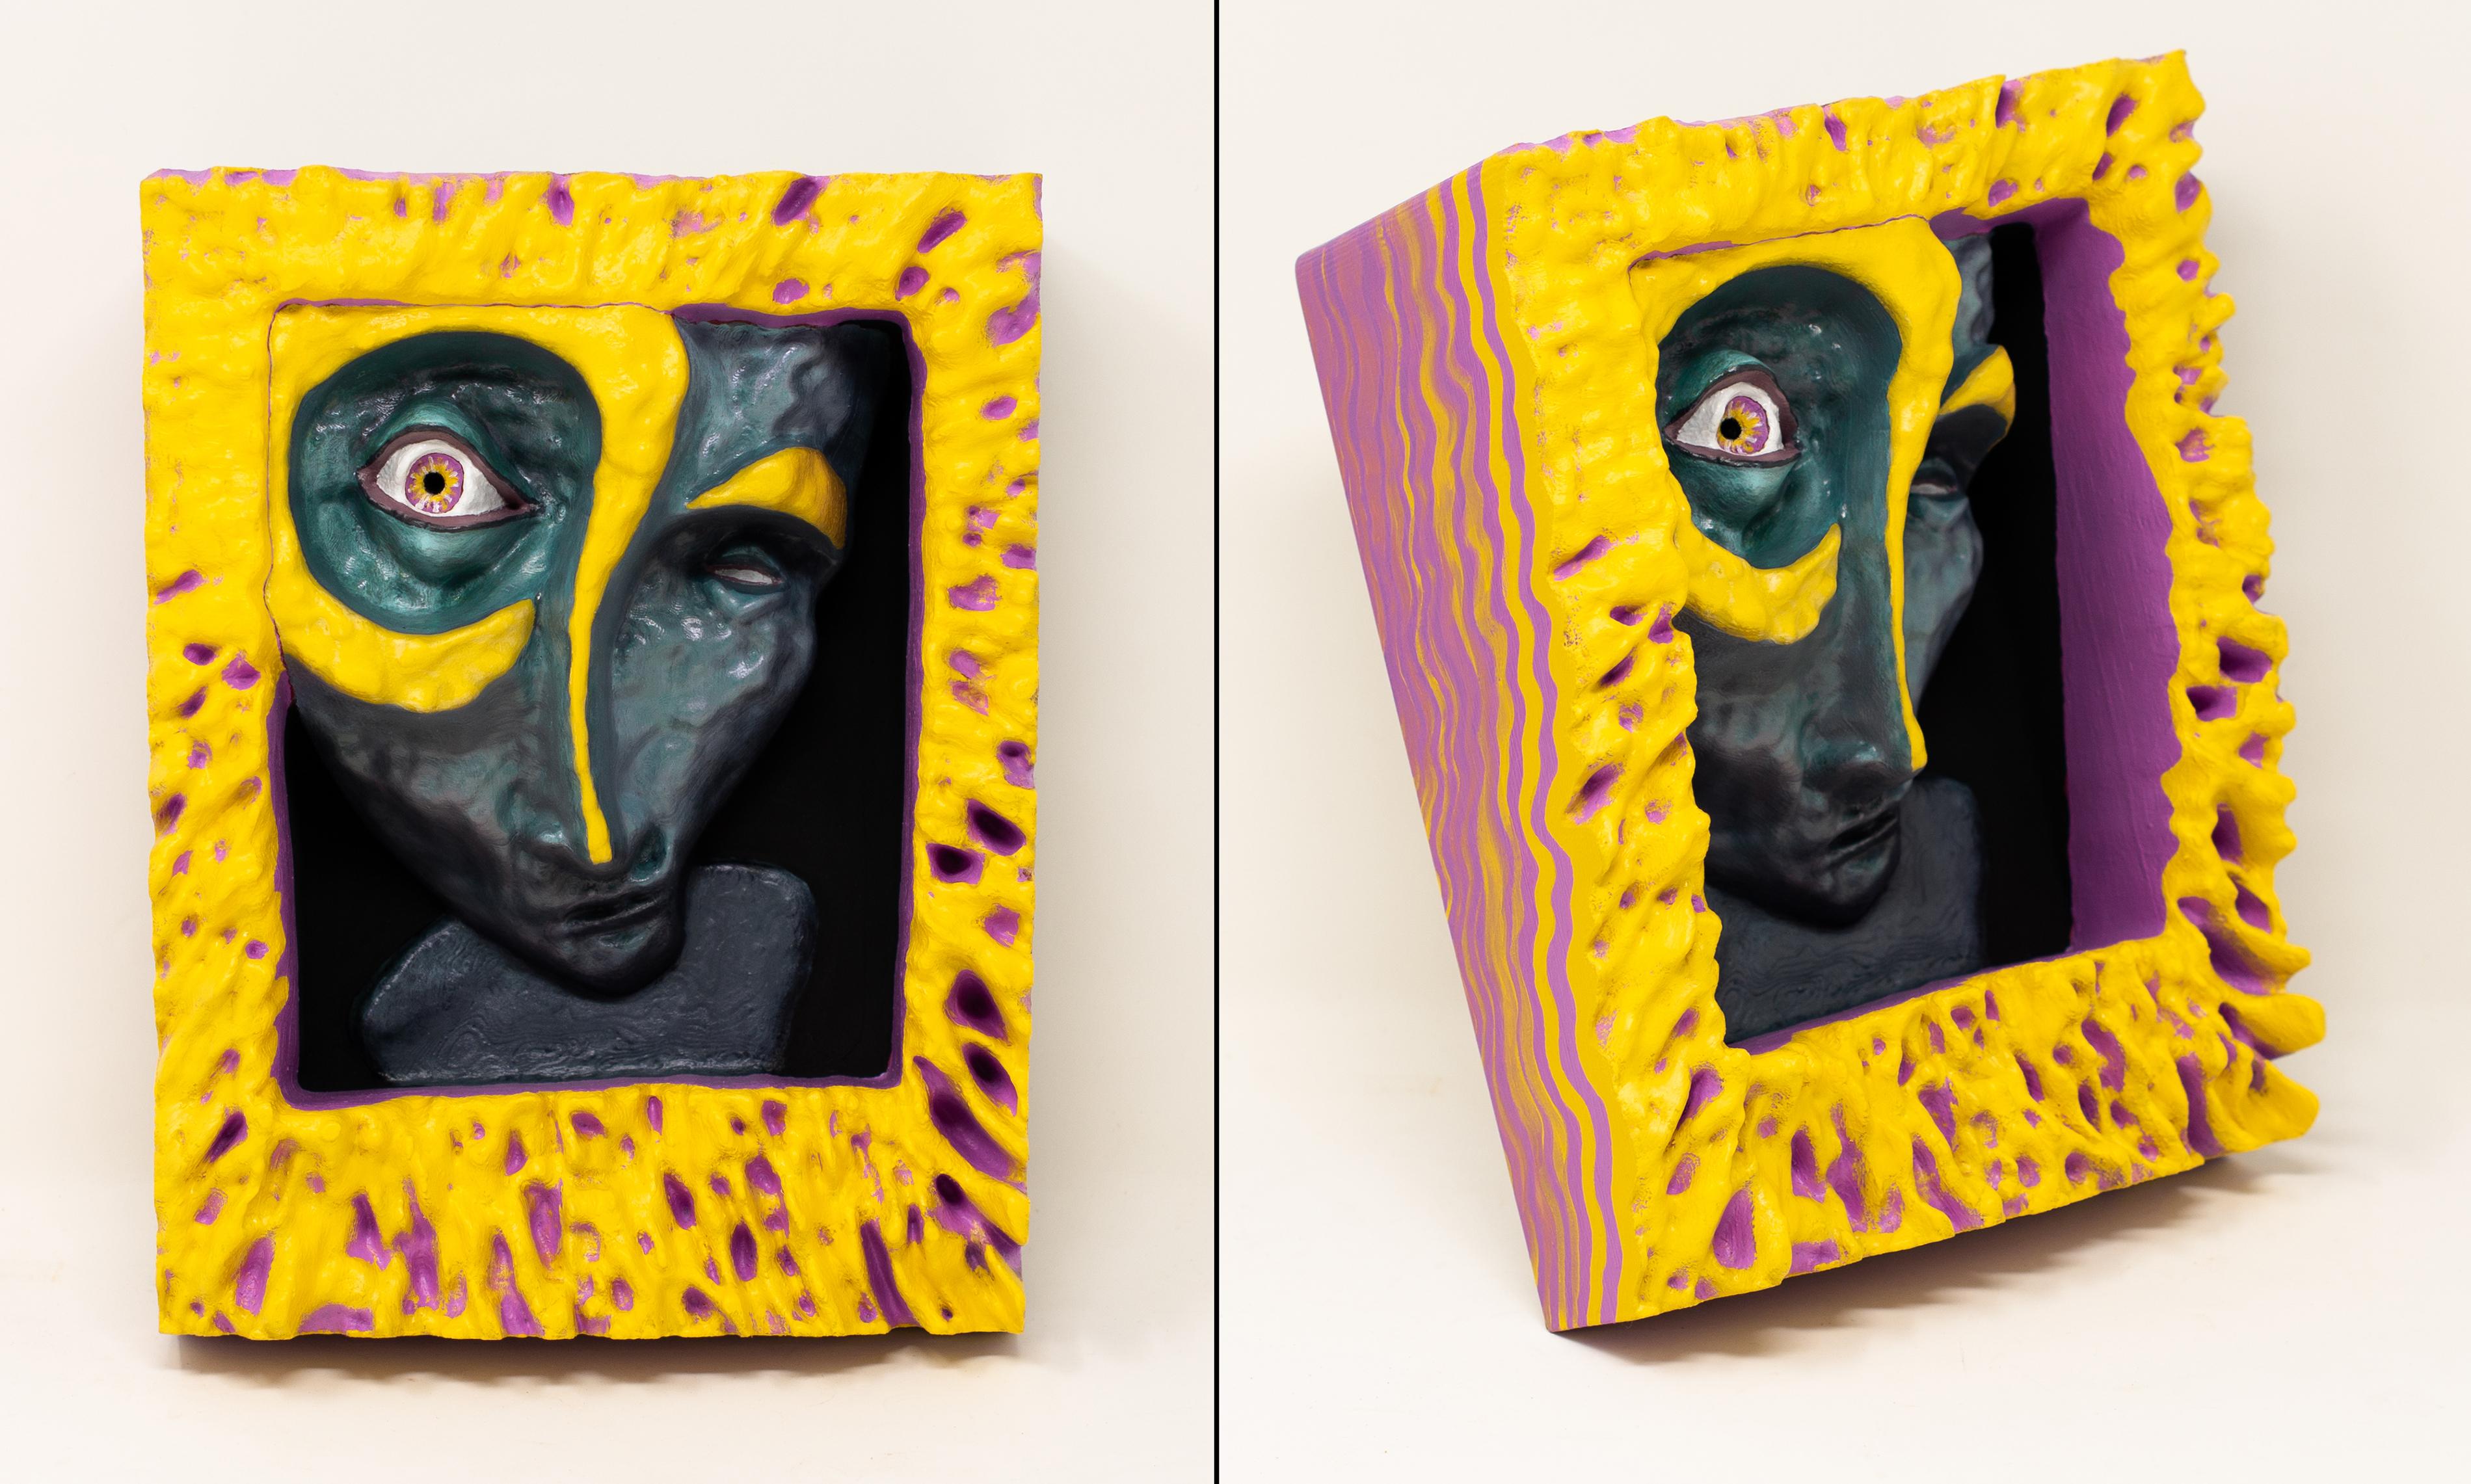 Face_8.5x6.5x4